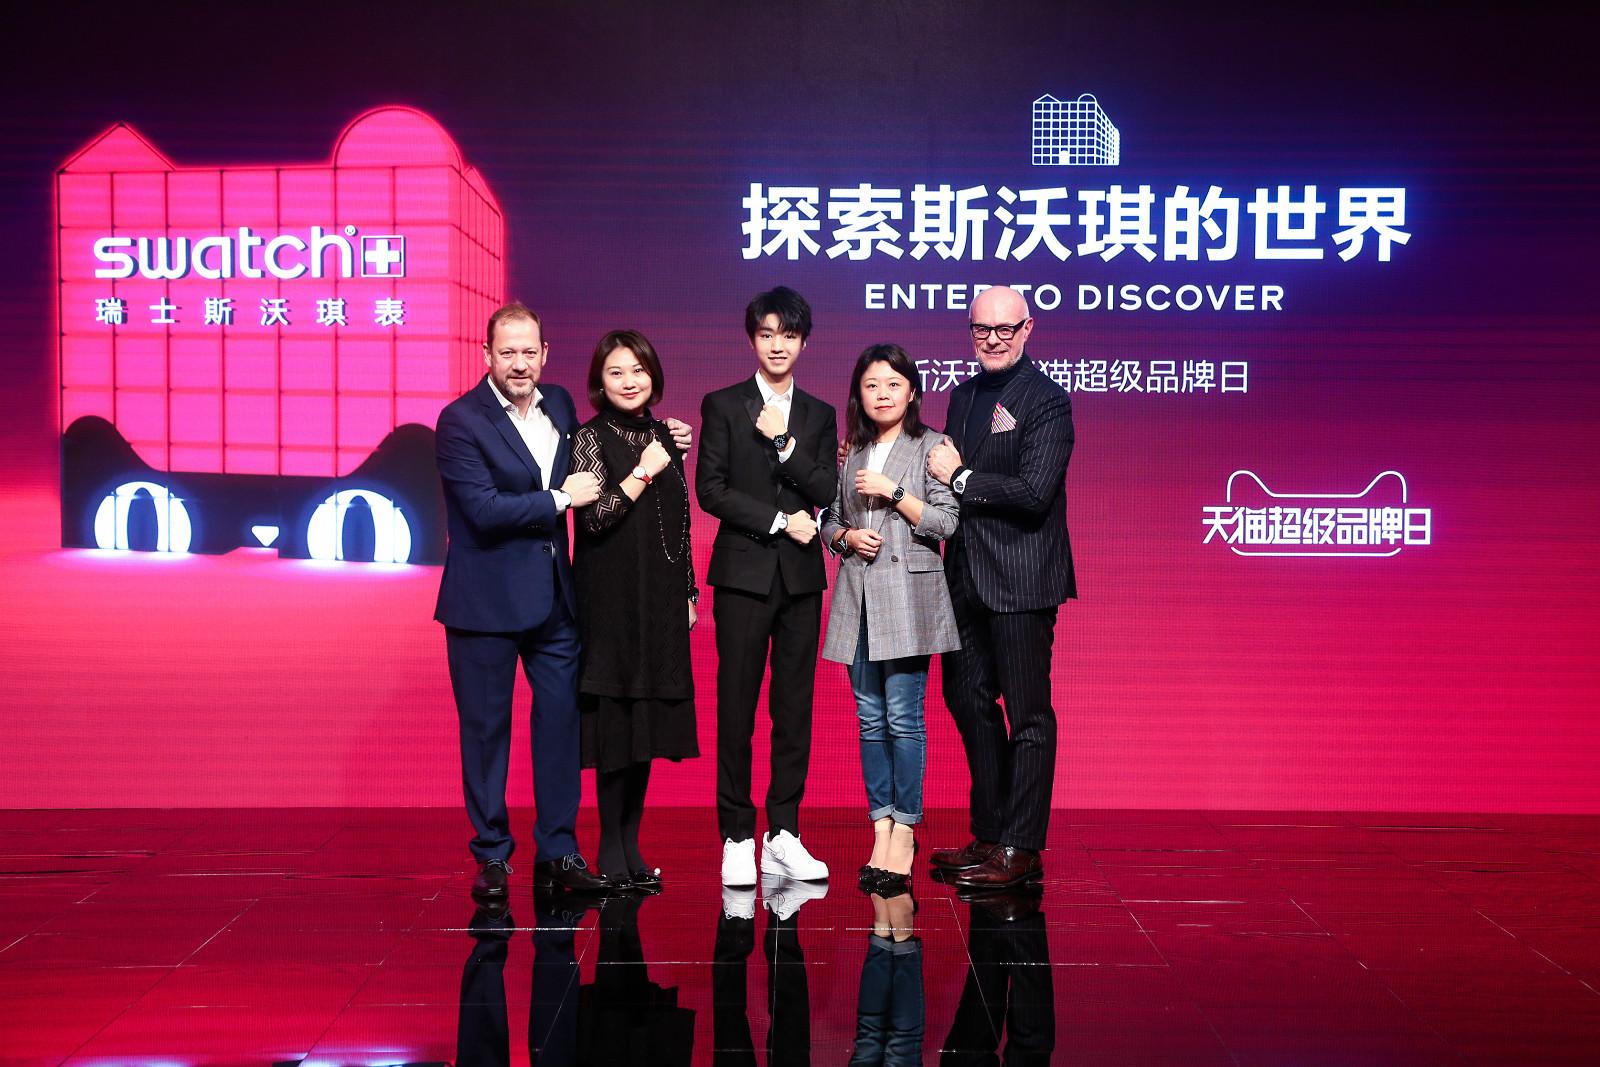 Swatch集团下的斯沃琪、浪琴、美度、雷达加速入驻天猫平台,并开始多样化的营销尝试_meitu_1